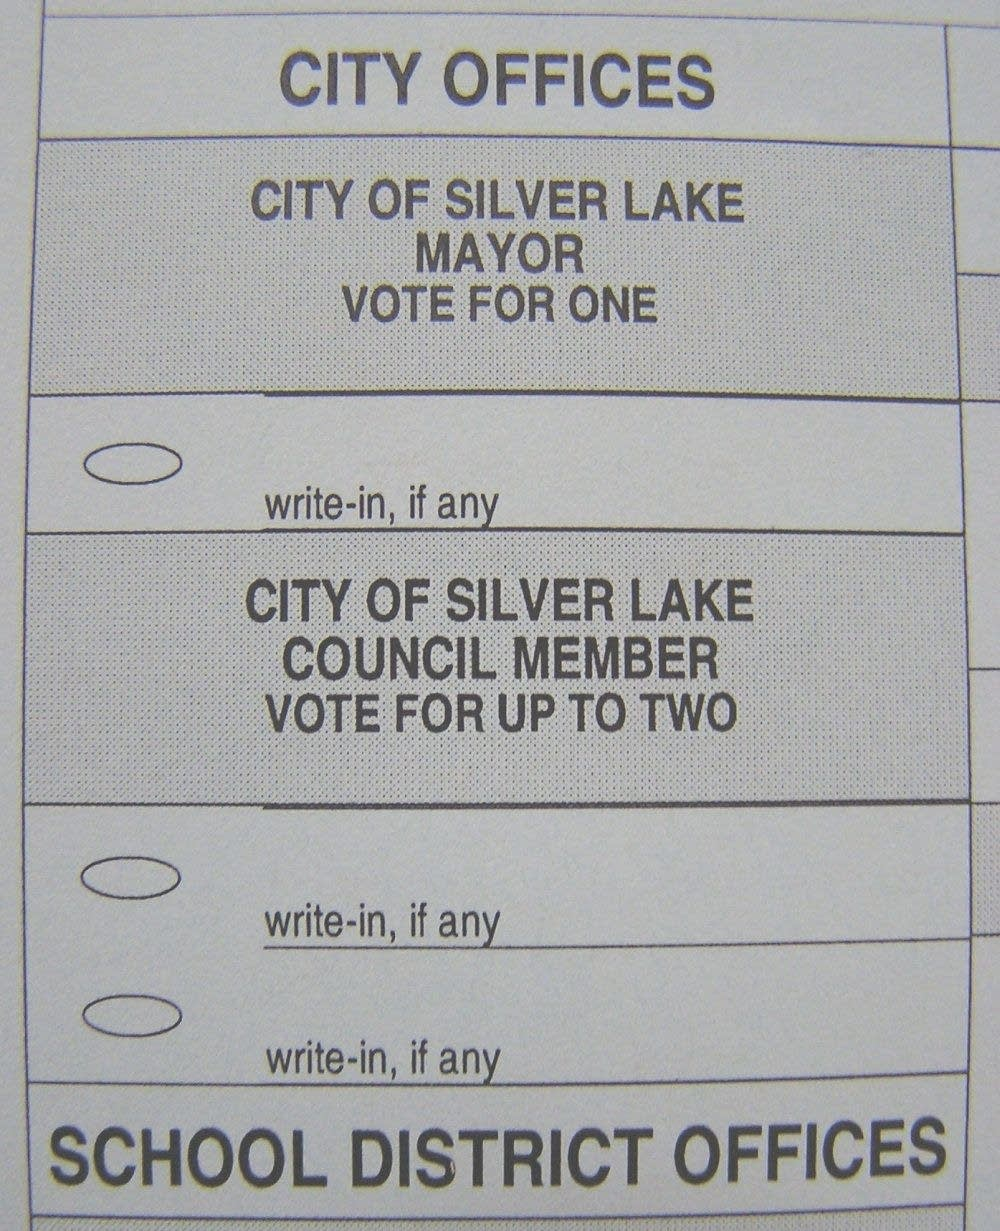 Silver Lake's ballot